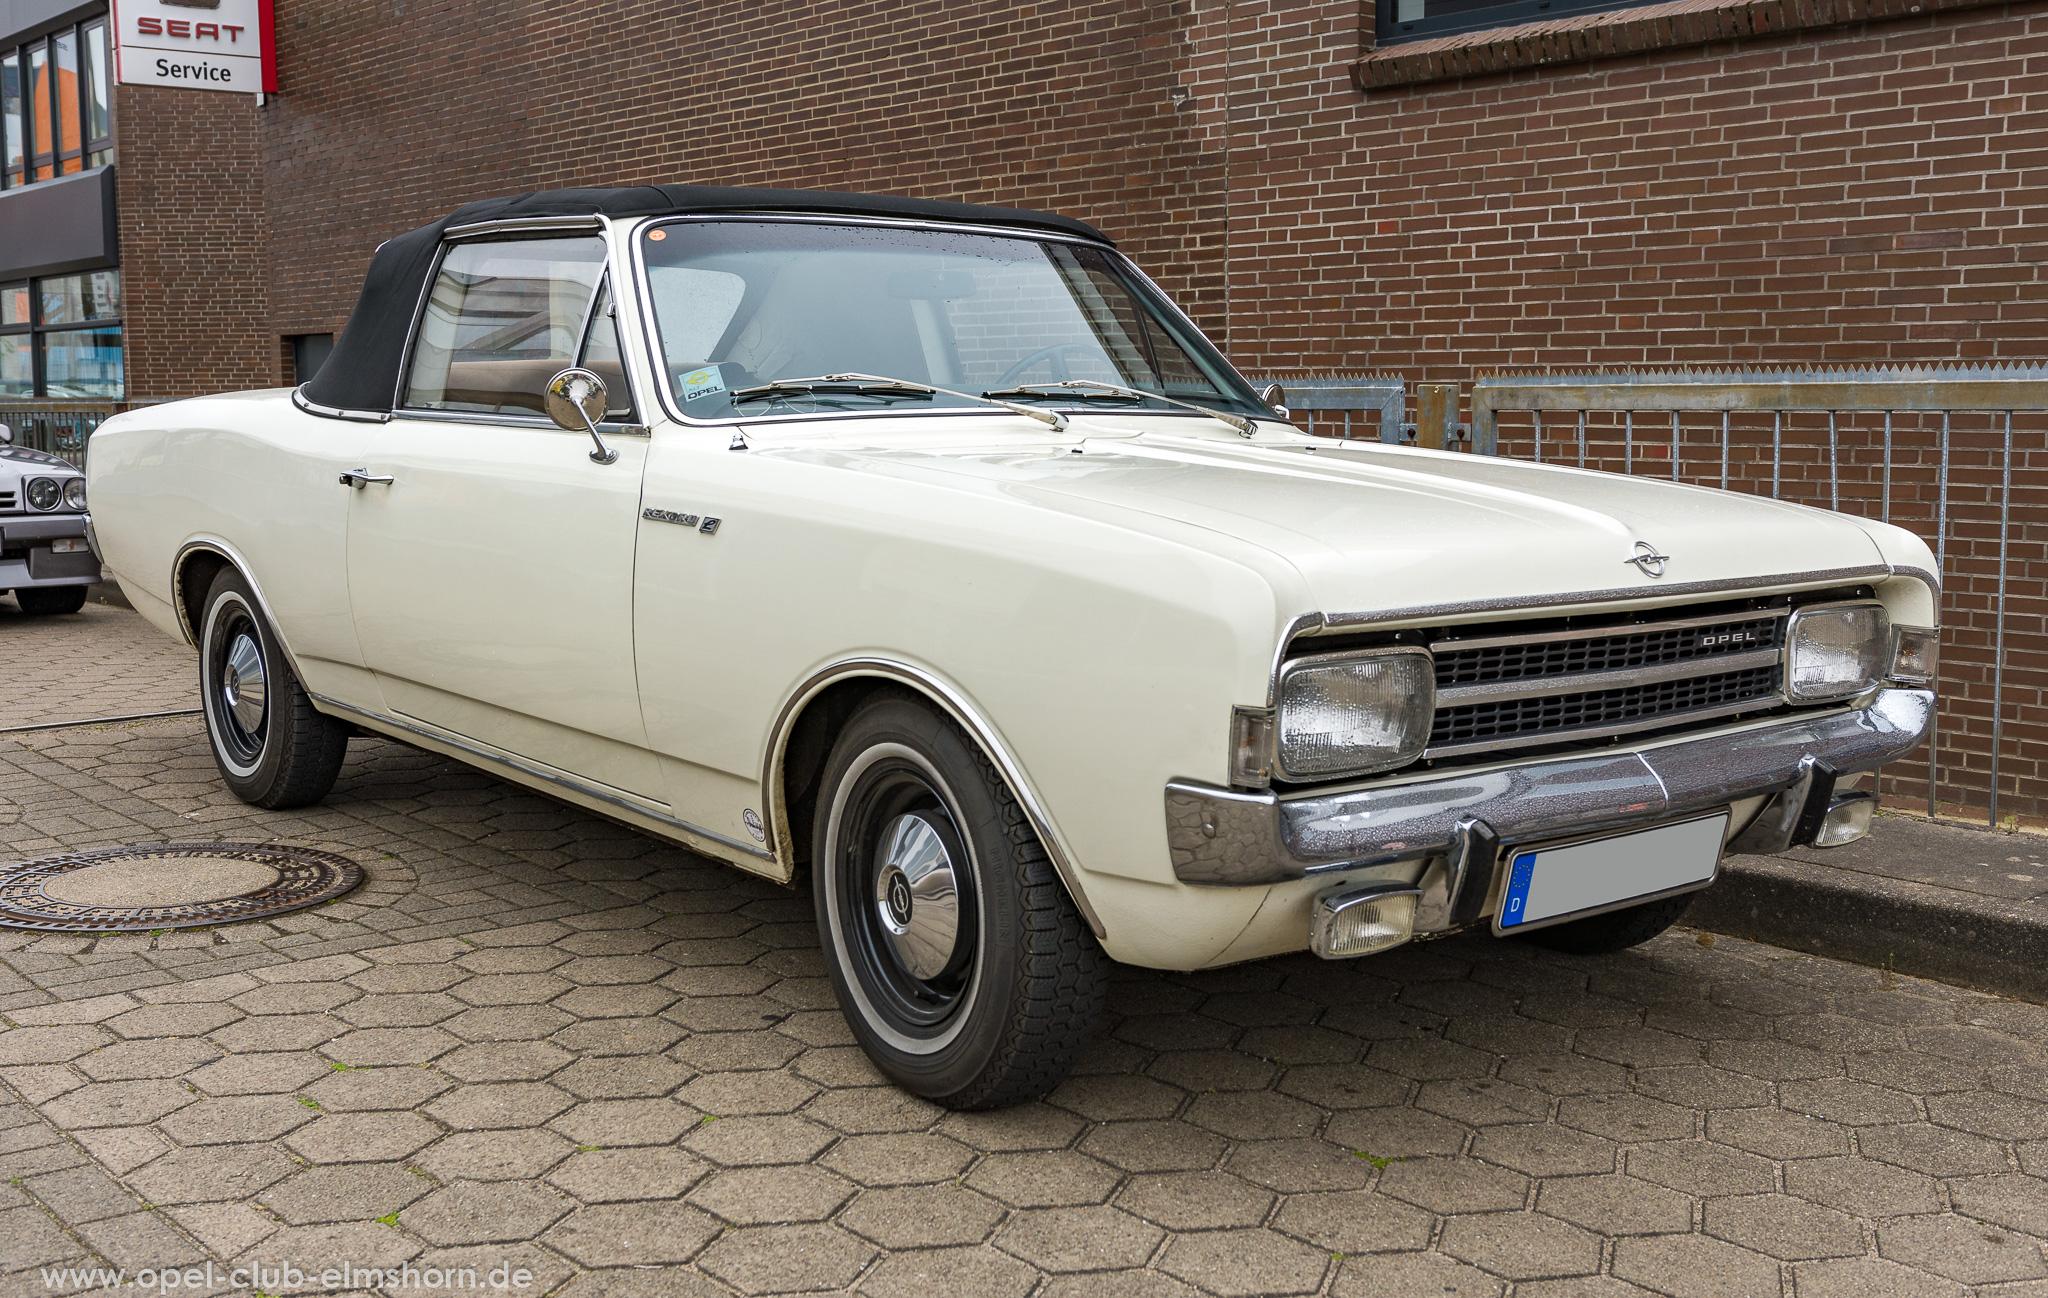 Altopeltreffen Wedel 2019 - 20190501_114218 - Opel Rekord C